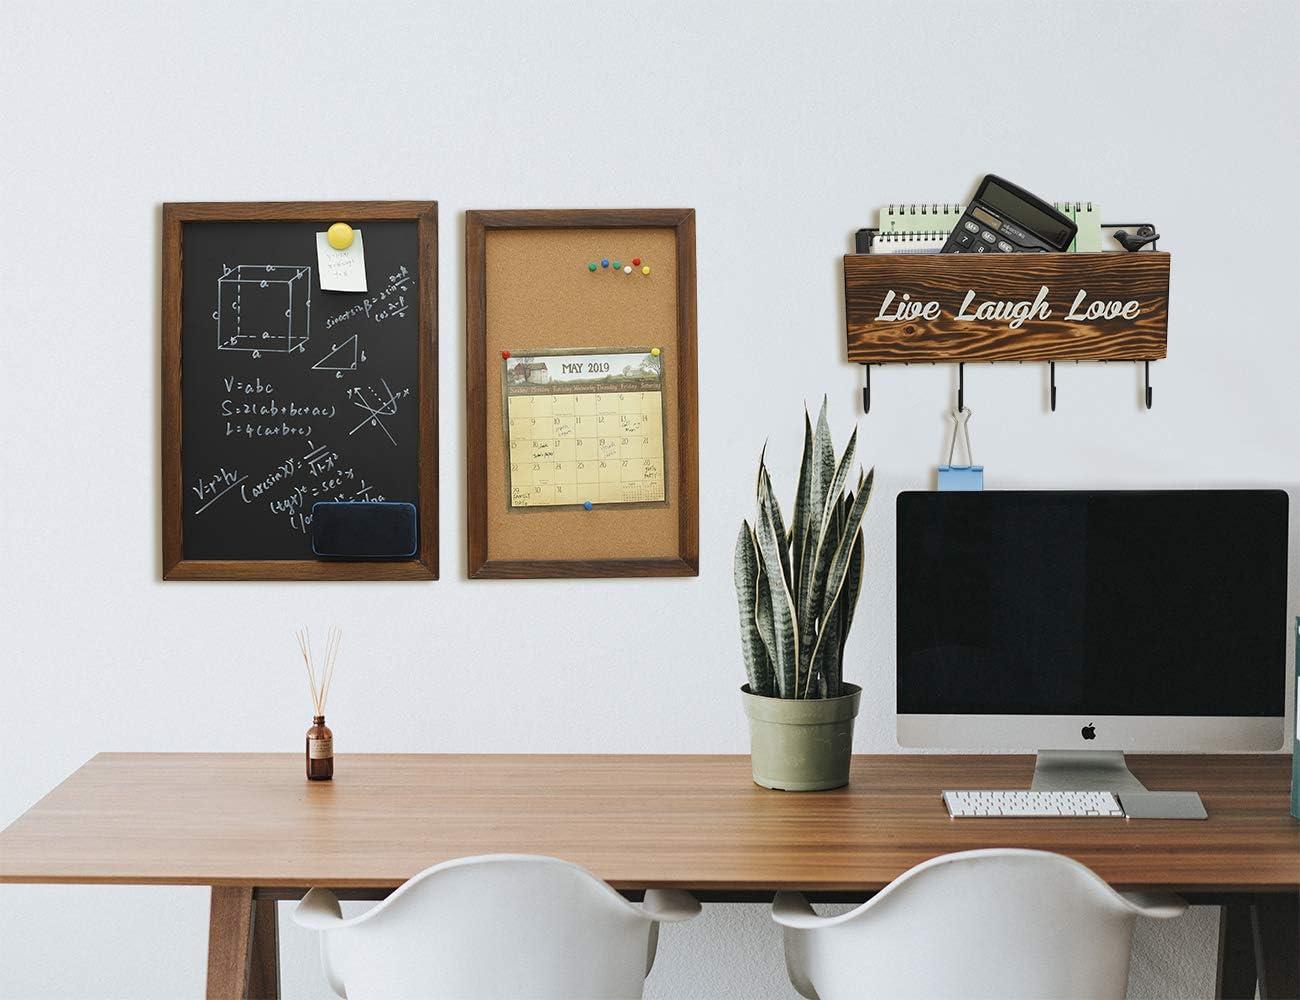 Soporte r/ústico para correo y llaves para pared organizador de correo con ganchos para colgar en la pared letreros decorativos y placas de metal estante//estantes colgantes organizador de entrada